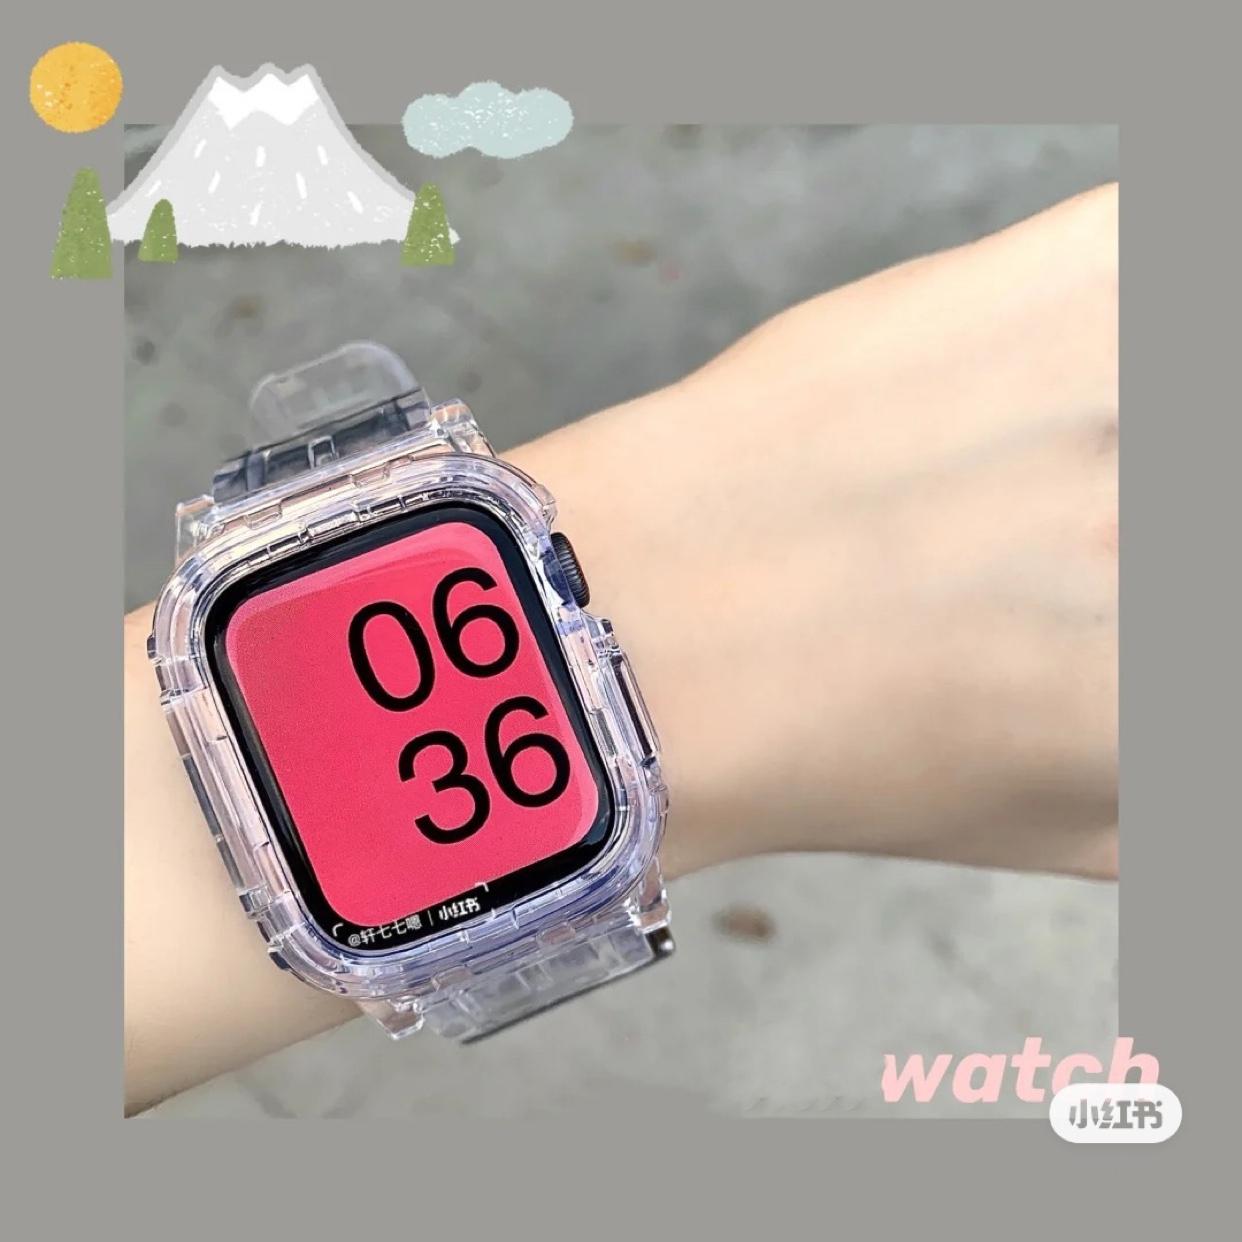 錶帶 iWatch錶帶透明一體錶帶運動iWatch12345代冰川限定全透明錶帶